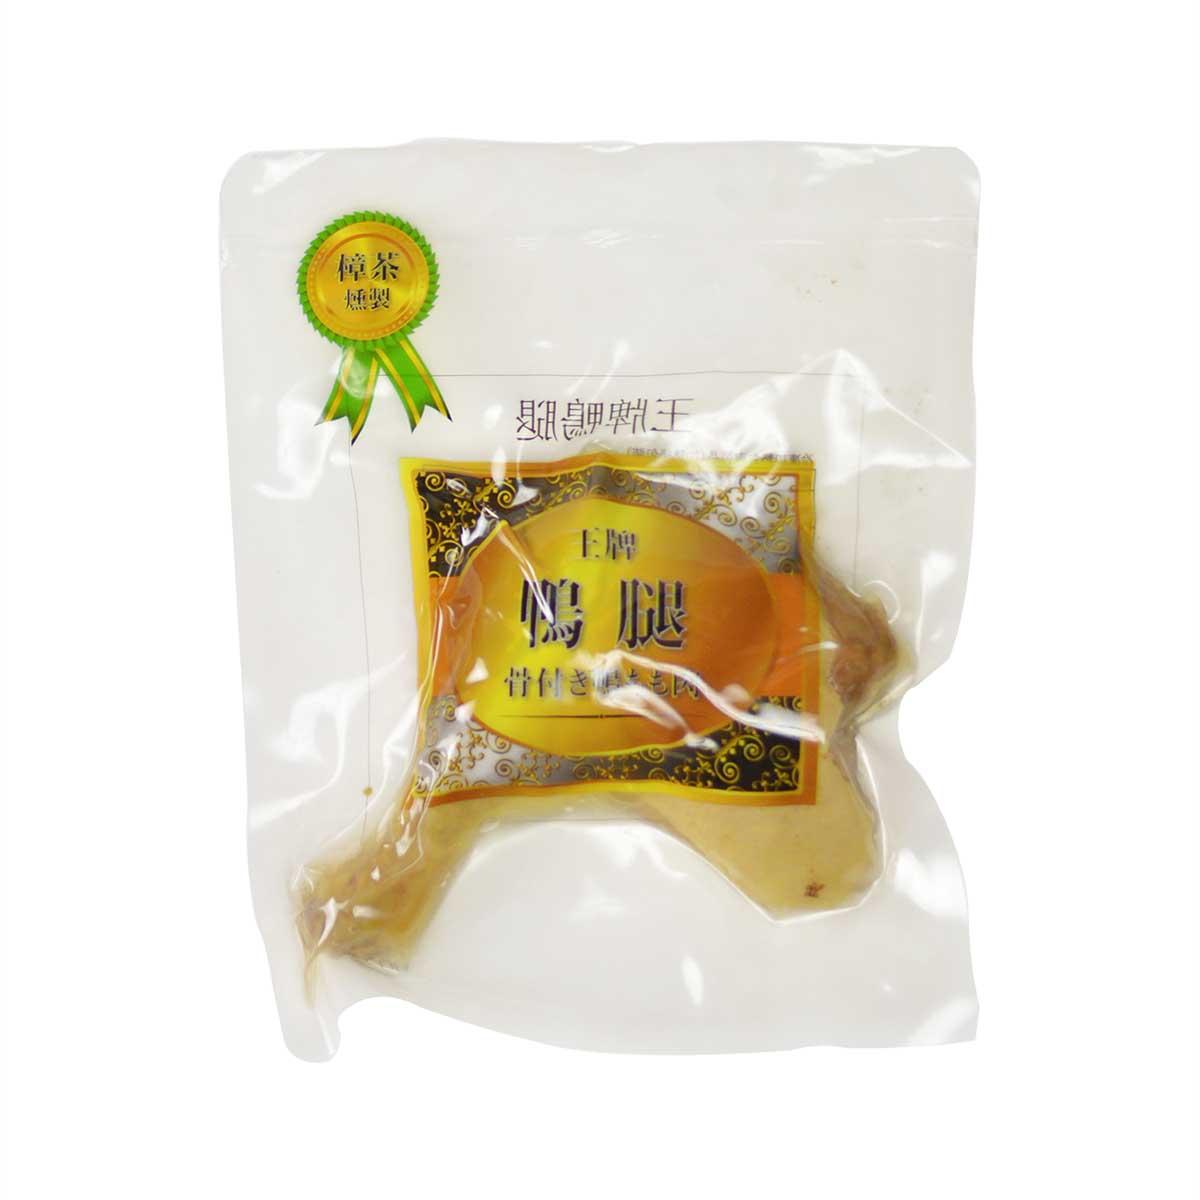 王牌冷凍樟茶鴨足(燻製骨付き鴨足)/調理済み/調理必要なし/温めるだけ/中華料理人気商品/特色料理/調理簡単